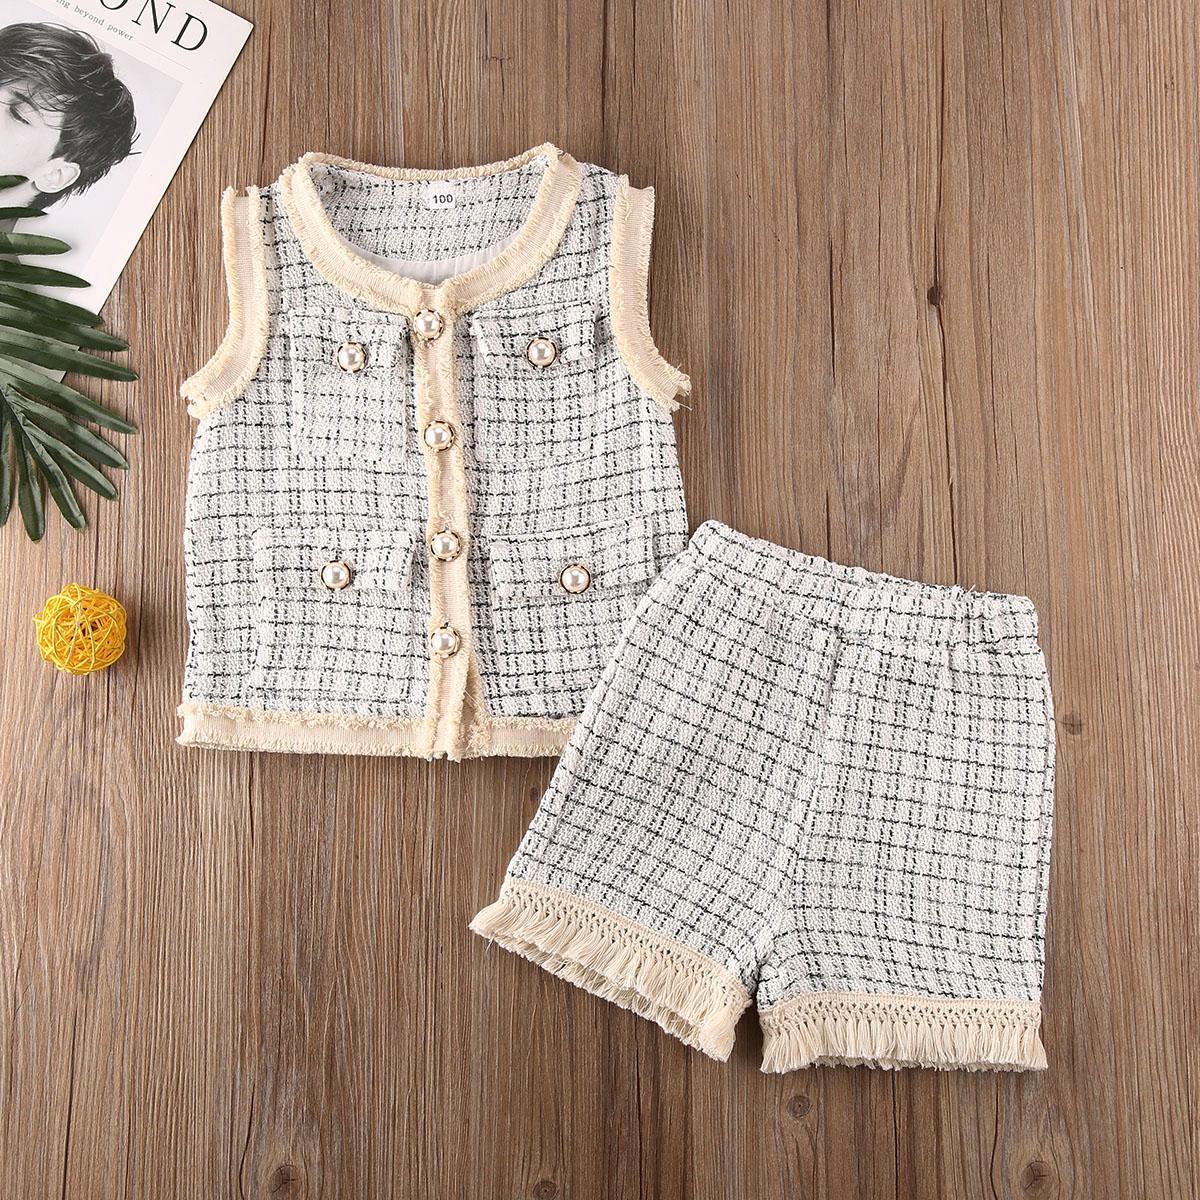 bébé enfant en bas âge fille deux pièces ensemble Gilet sans manches shorts manteau enfants enfants fille vêtements set costume